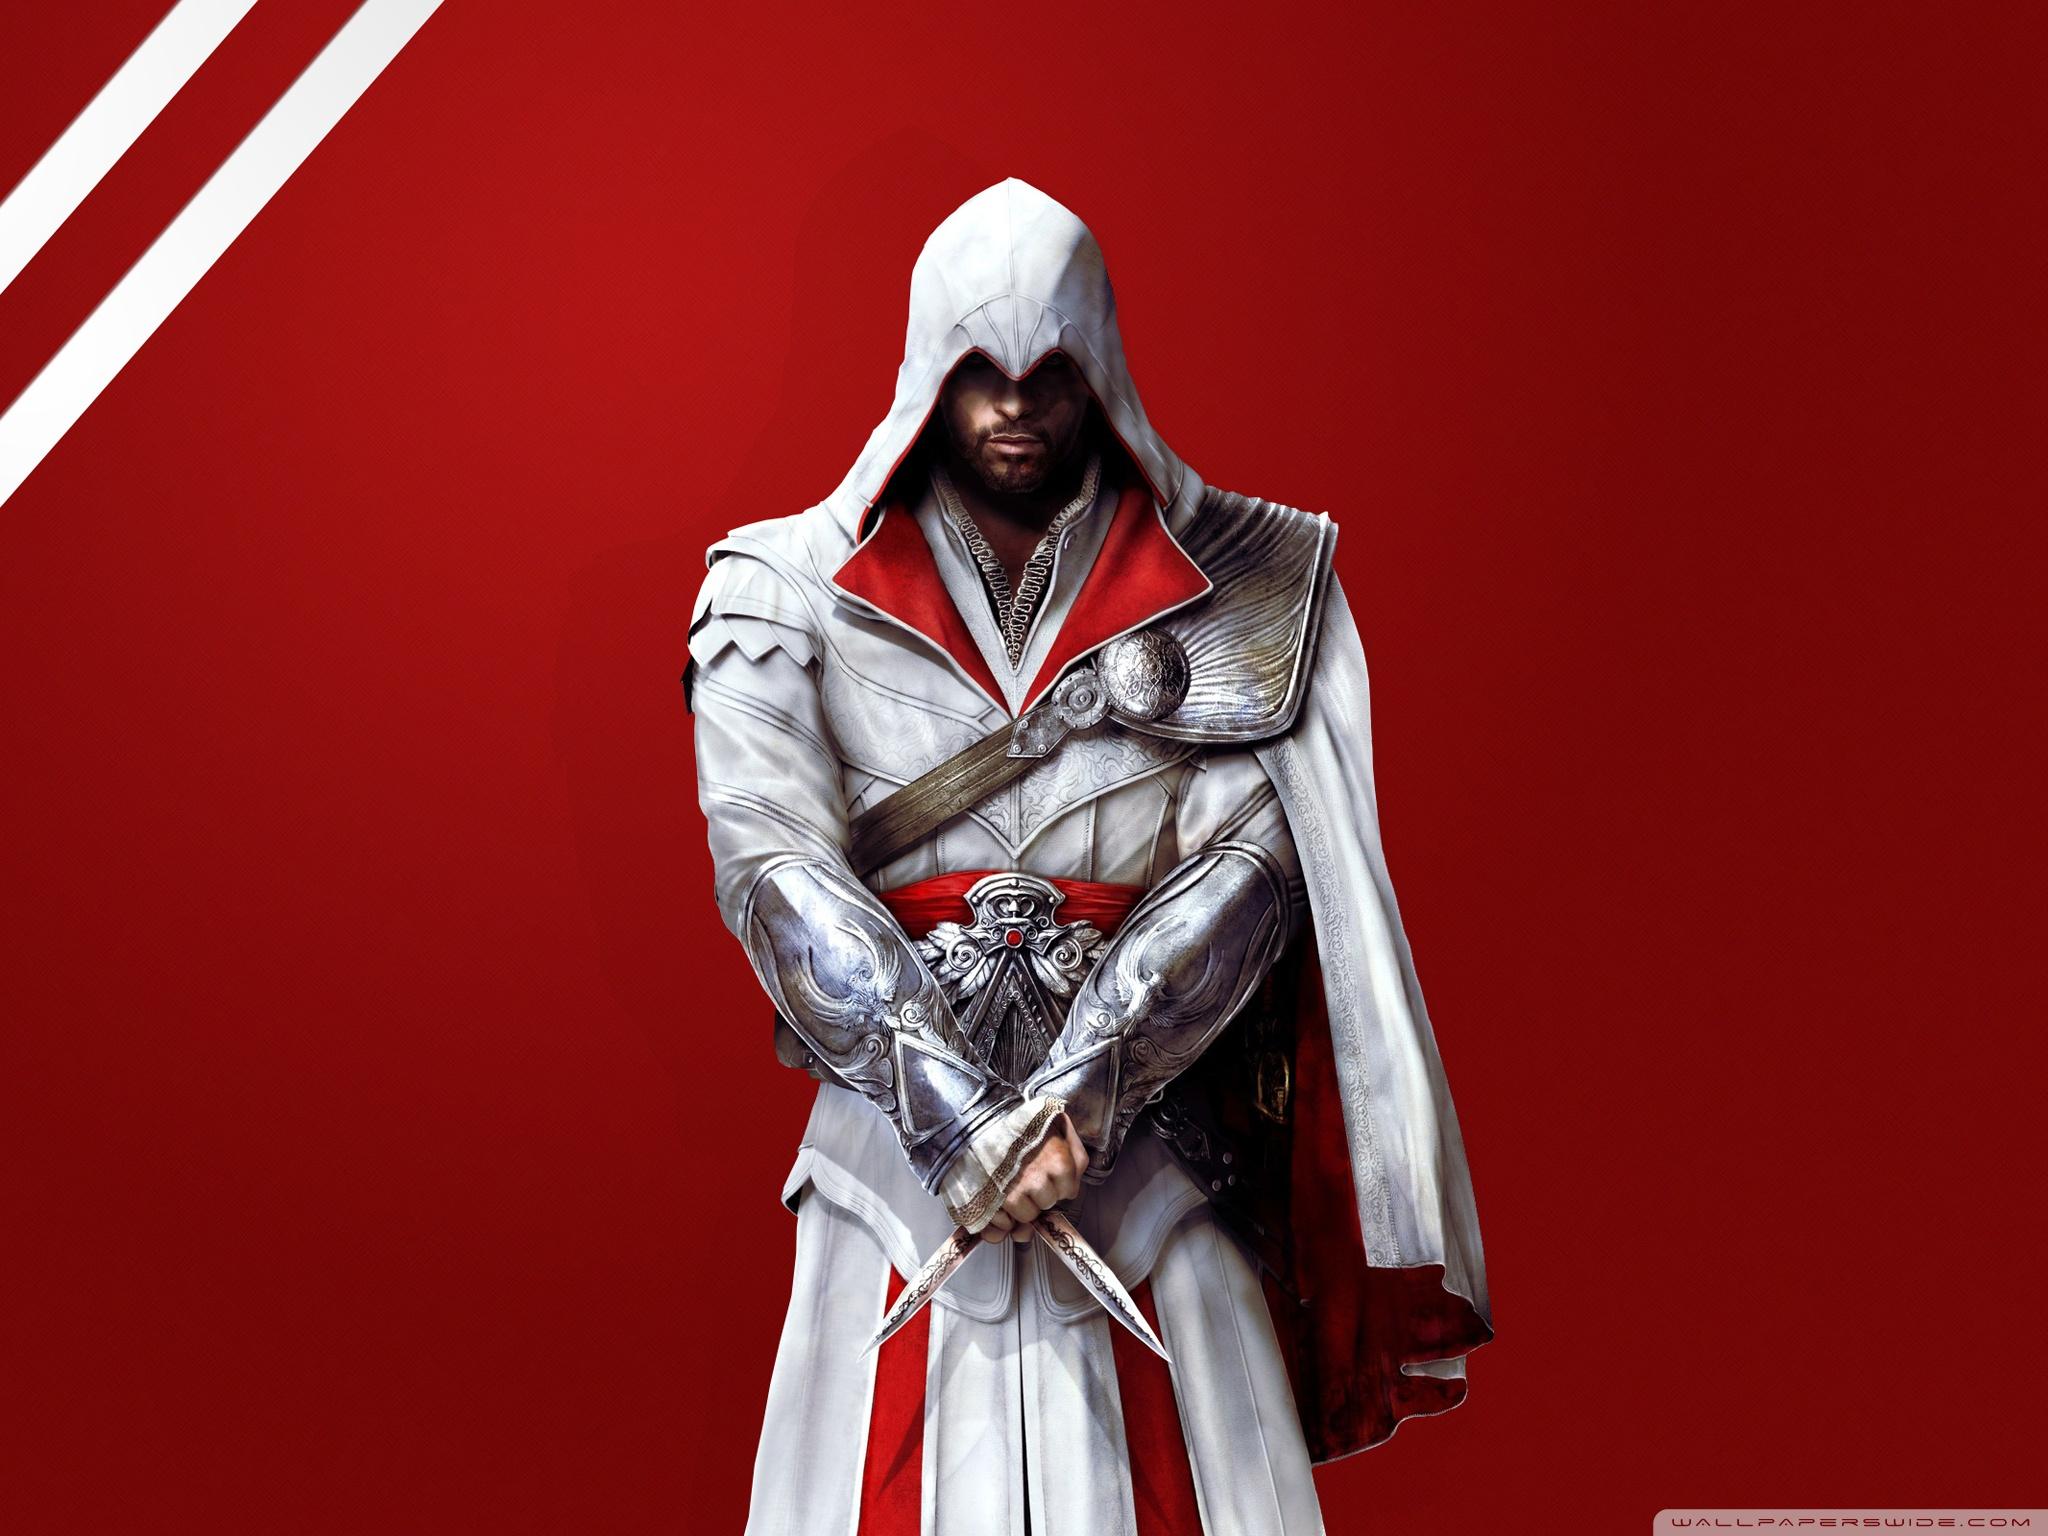 Ezio Auditore The Assassin S Wallpaper 33119244 Fanpop